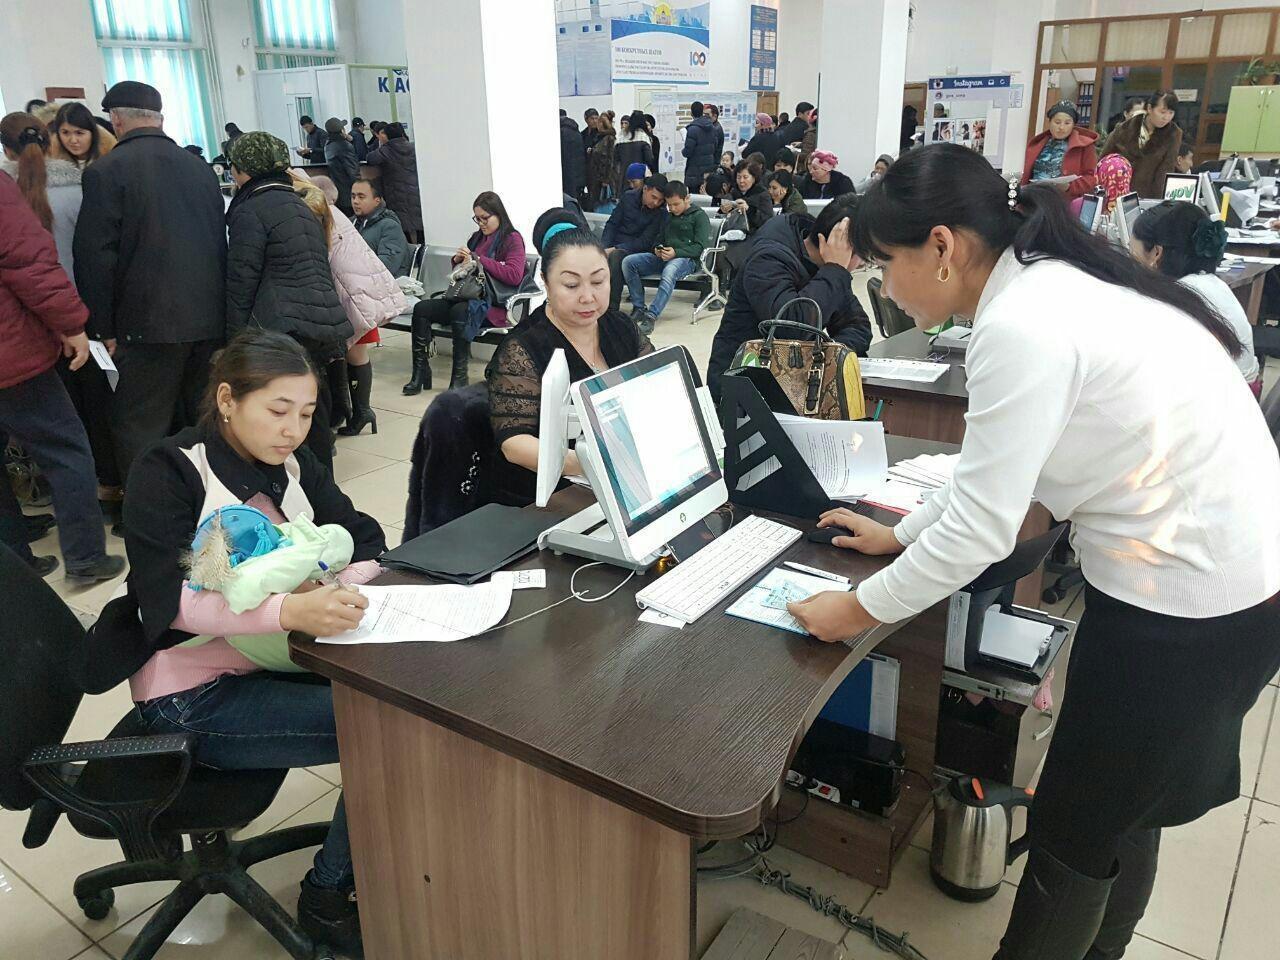 Сотрудники ЦОНов обслуживают посетителей стоя